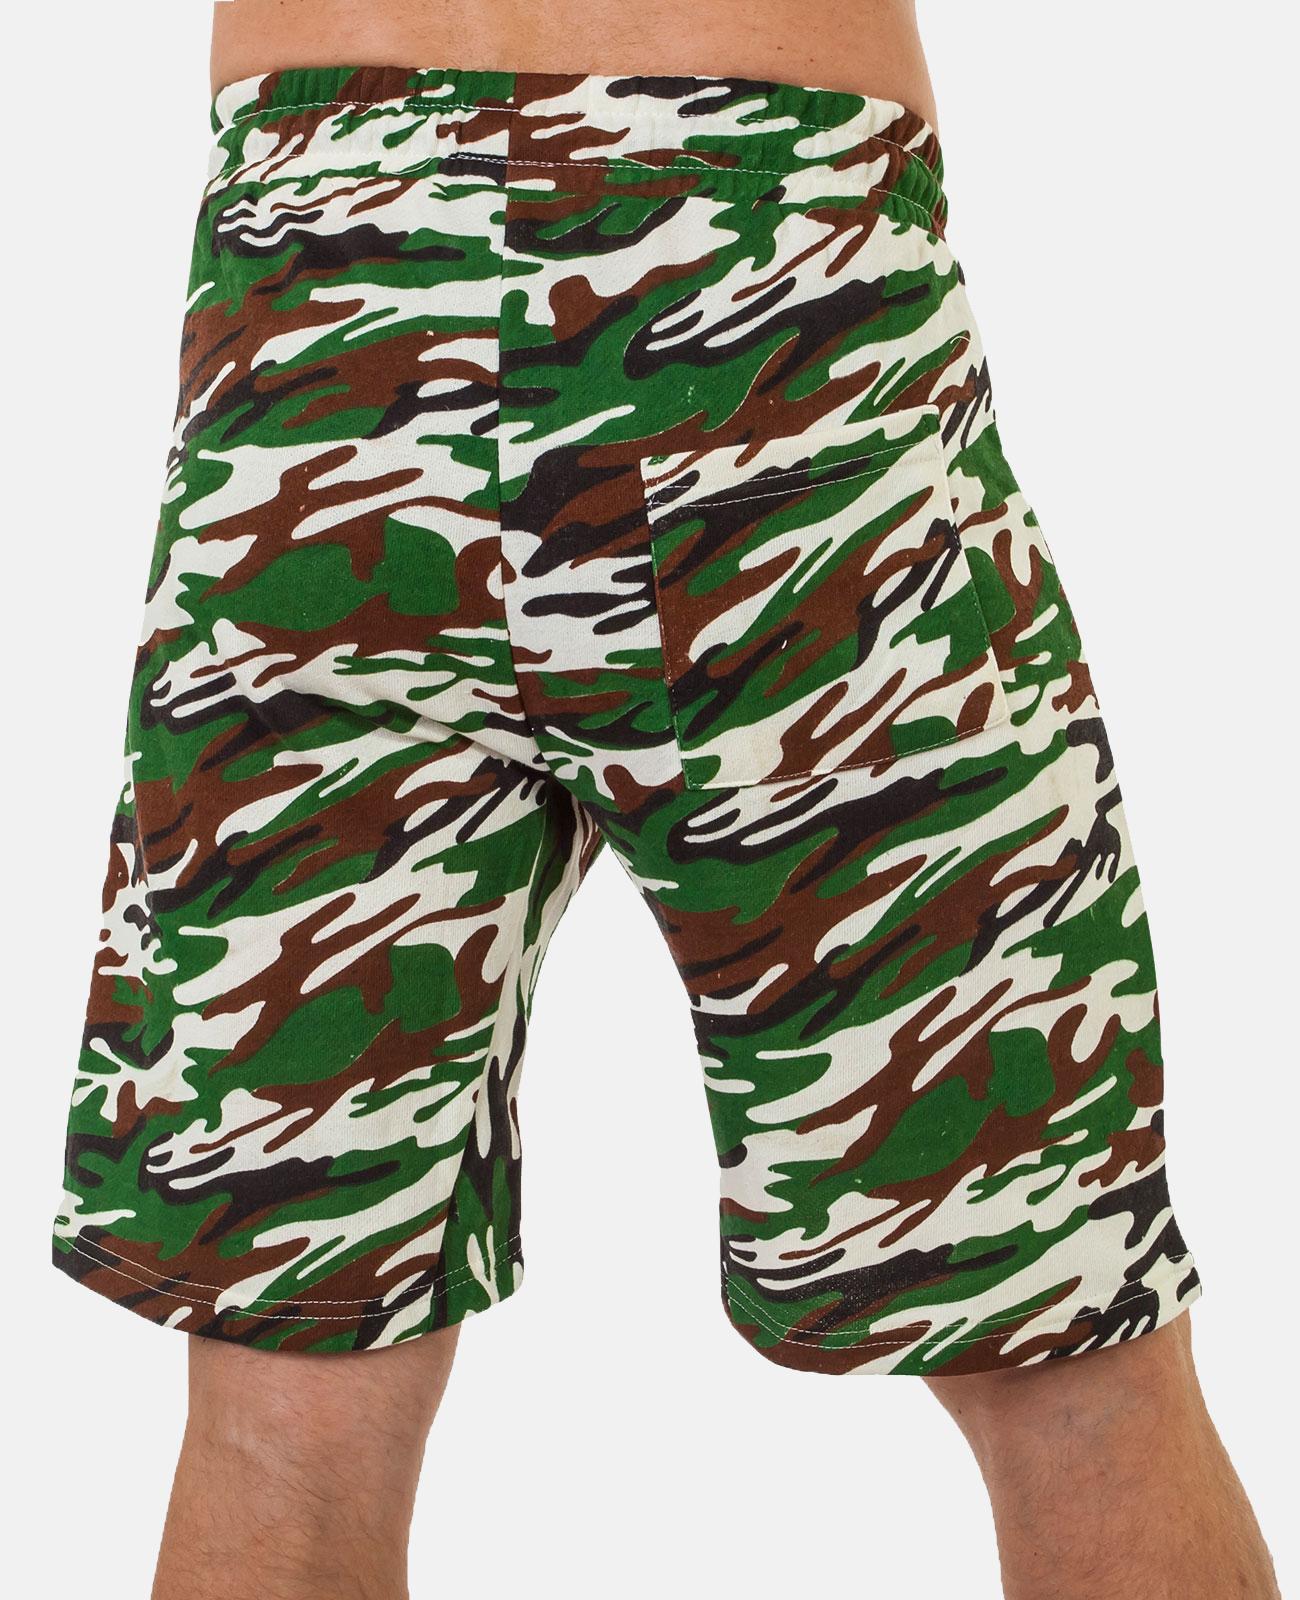 Модные мужские шорты из ARMY-коллекции New York Athletics